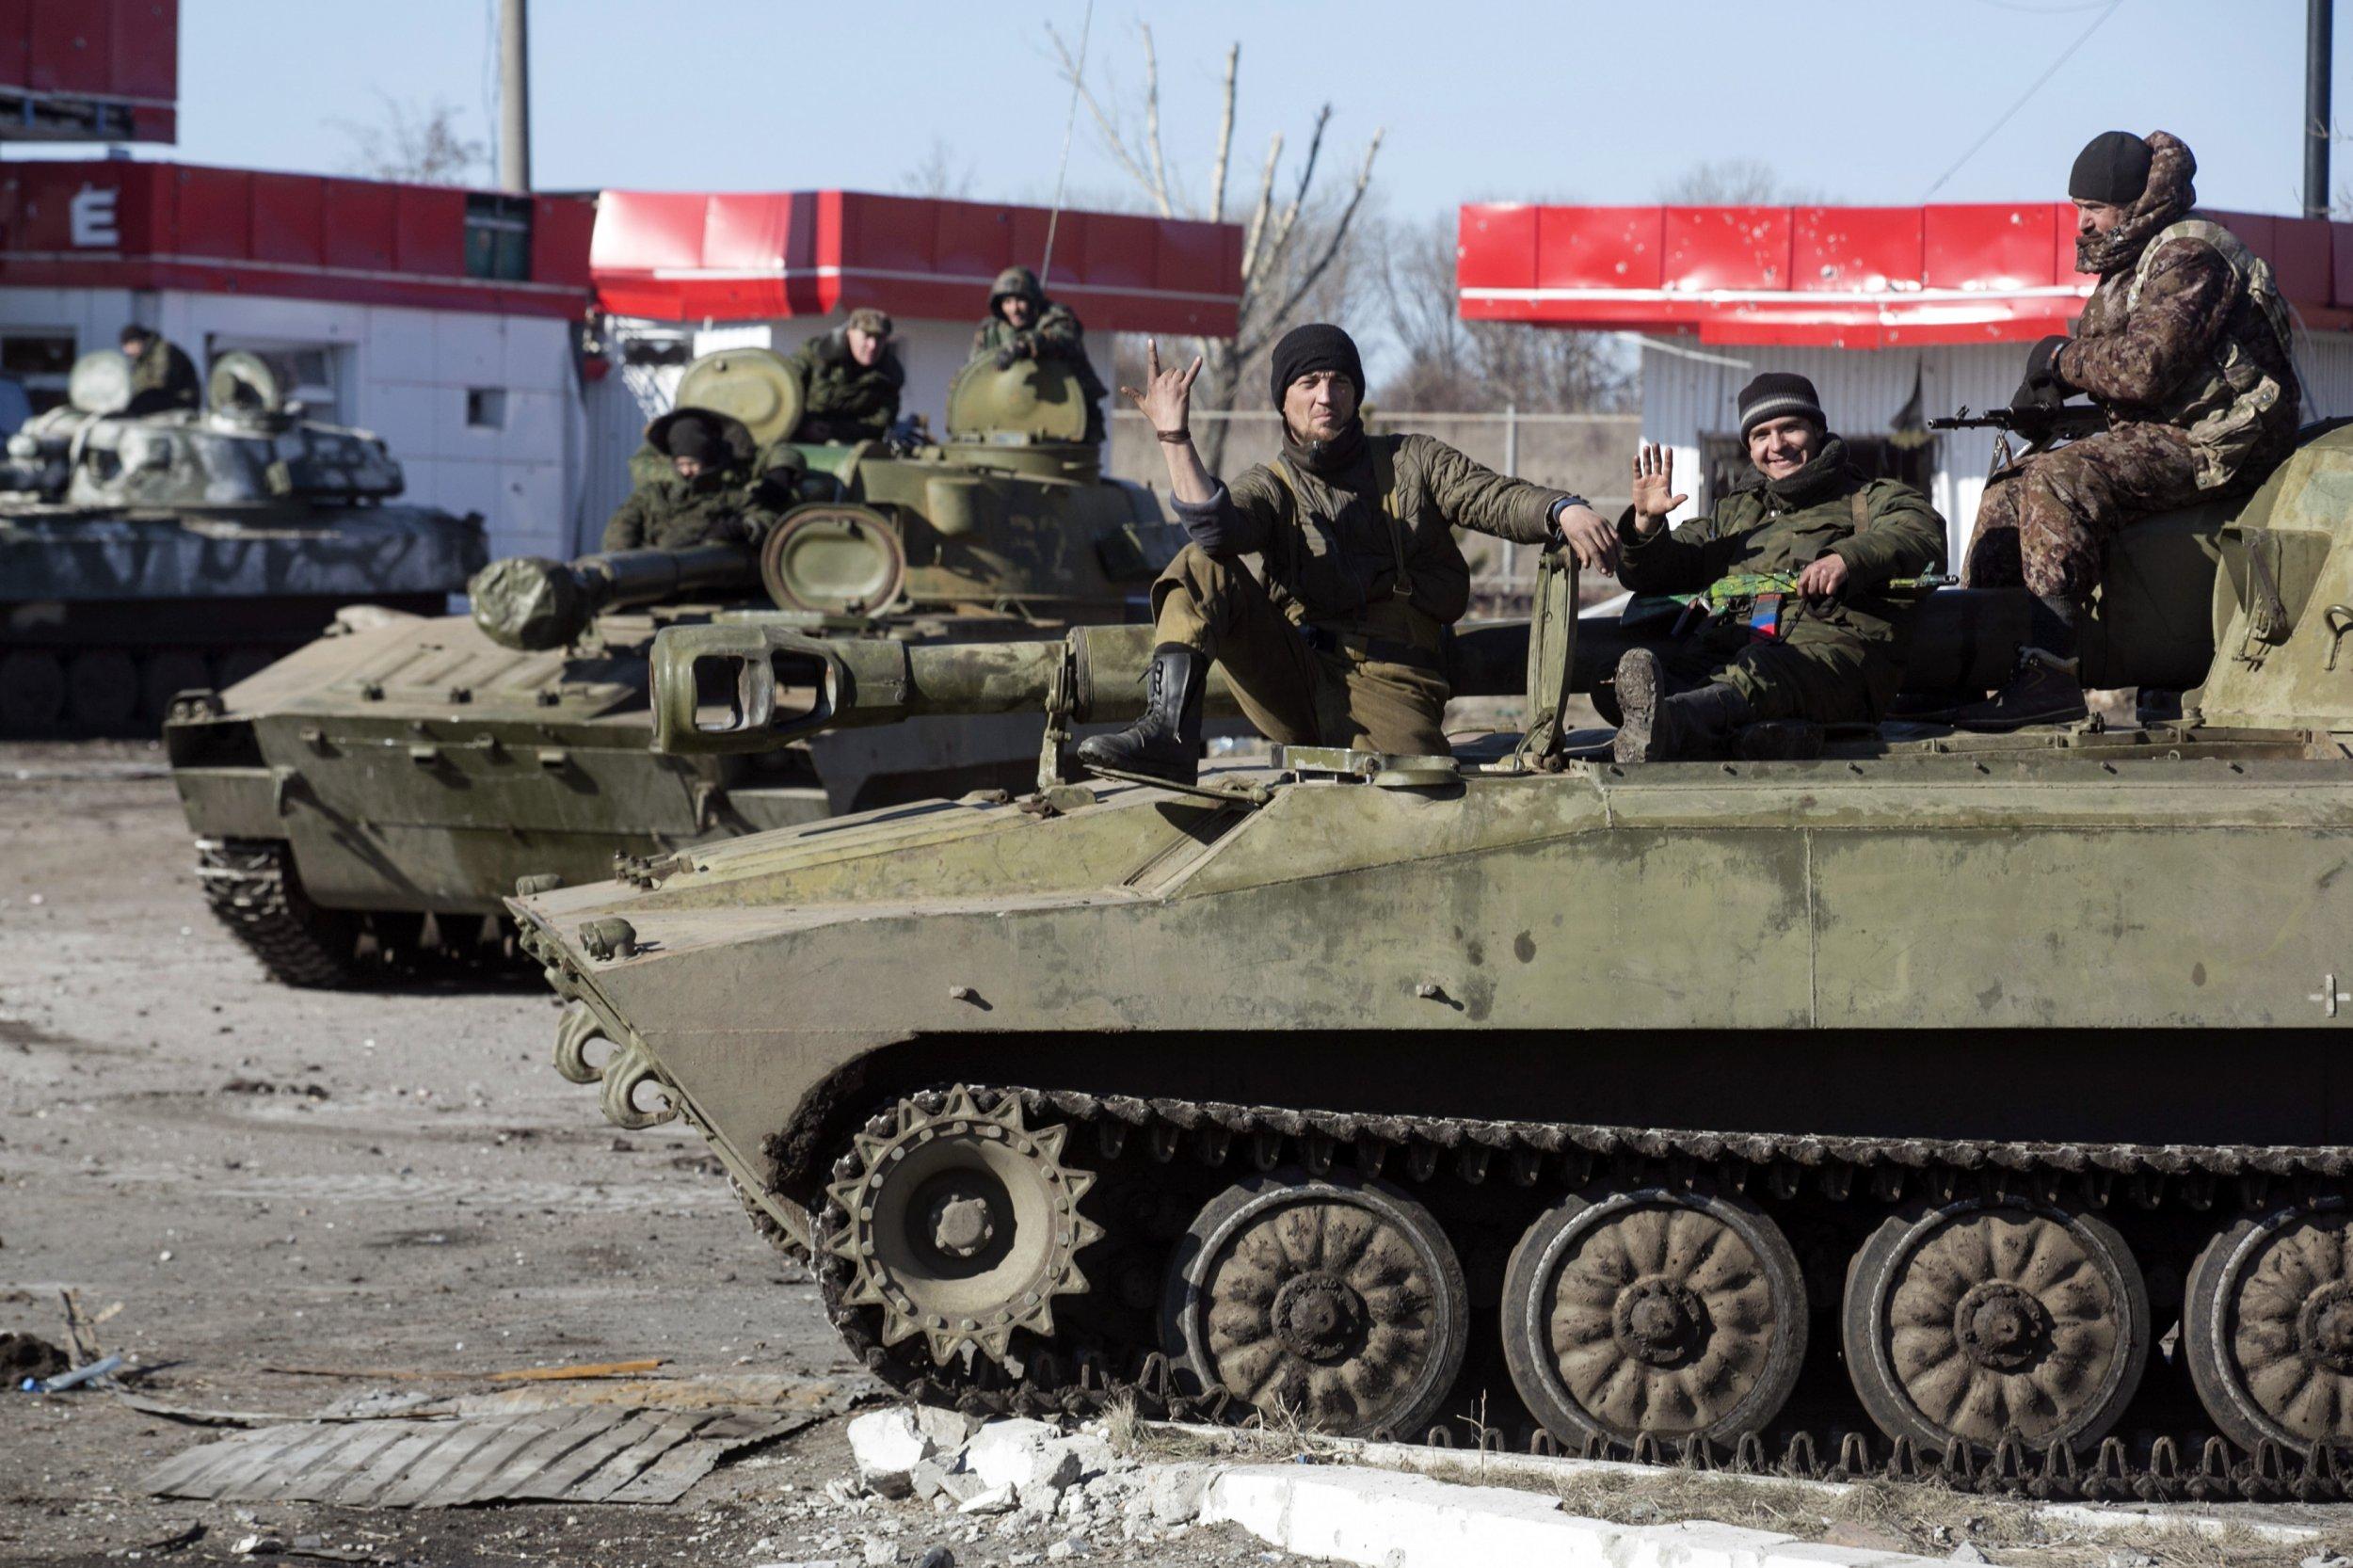 Europe Throws Ukraine Under the Bus